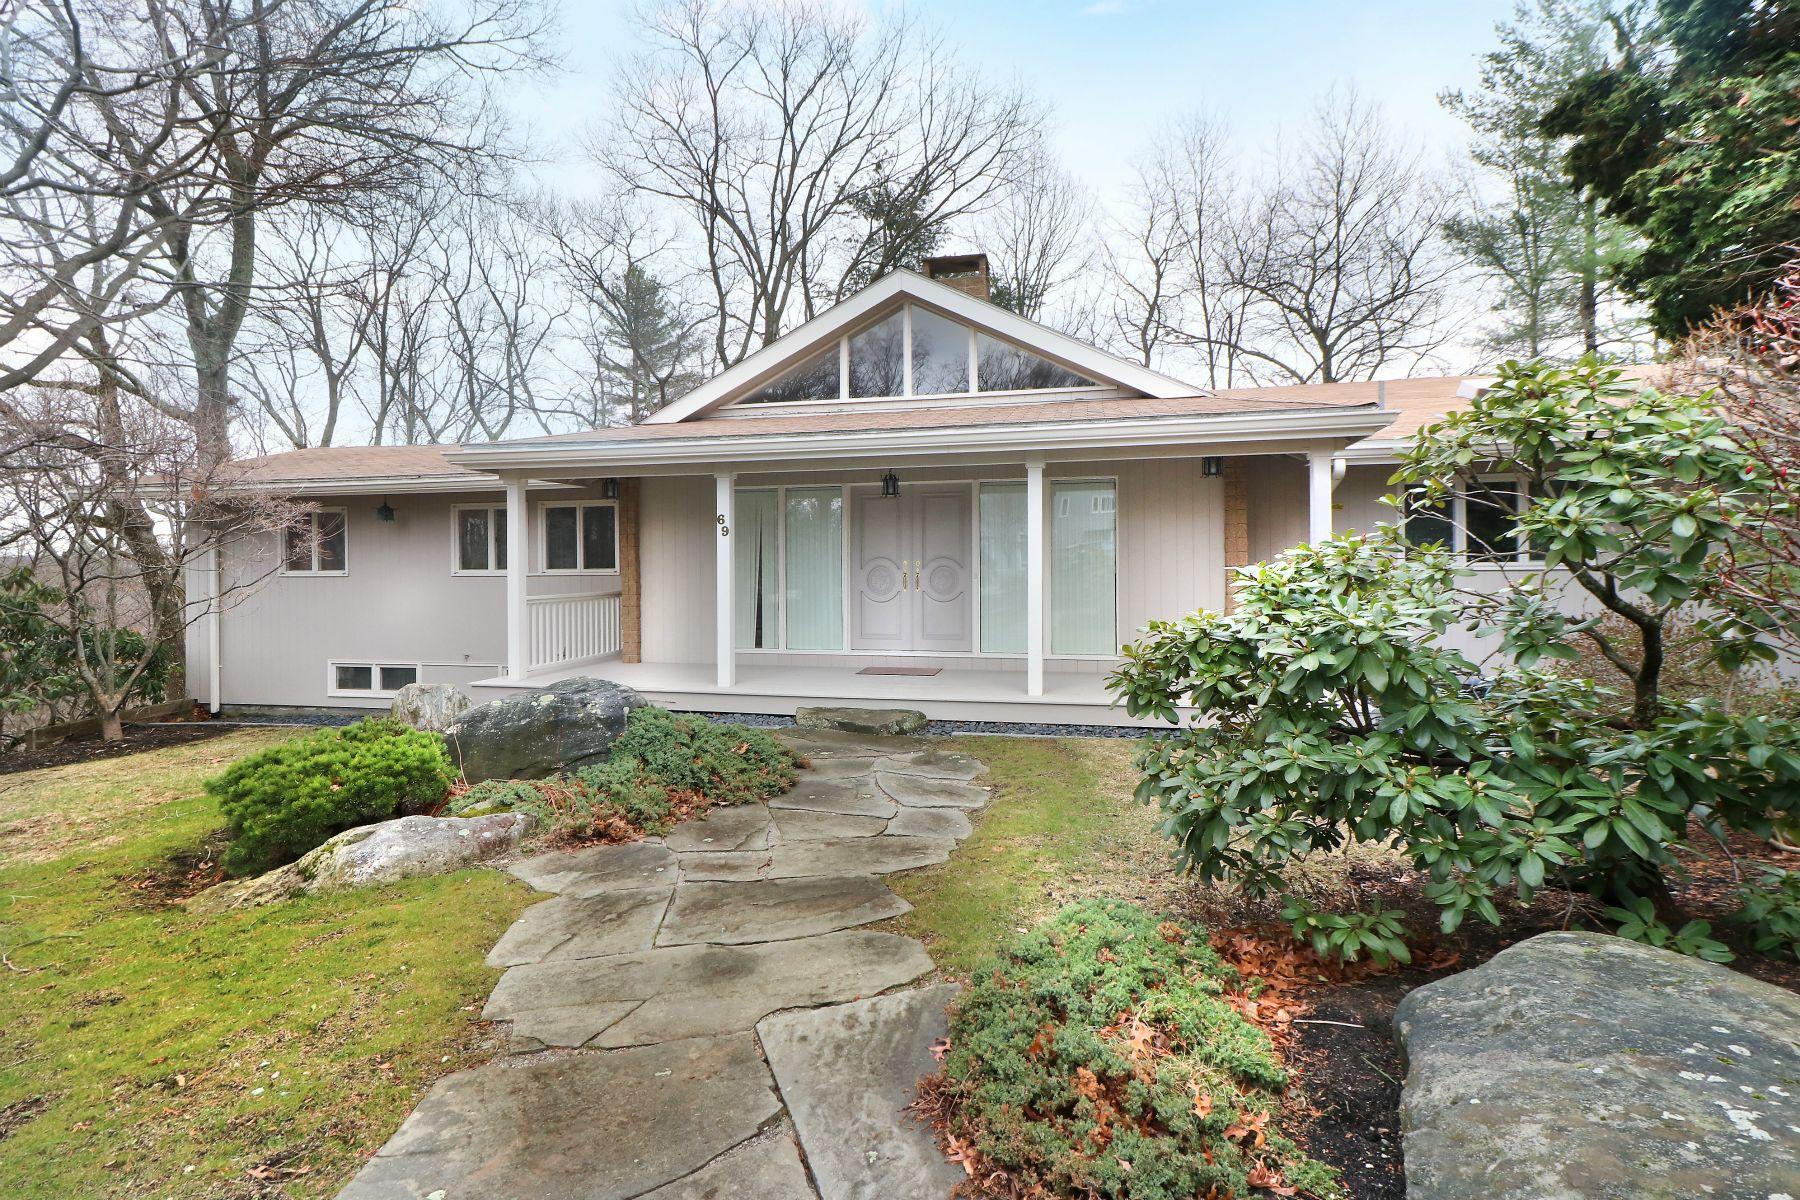 独户住宅 为 销售 在 69 Crestwood Rd, Newton 牛顿, 马萨诸塞州 02465 美国